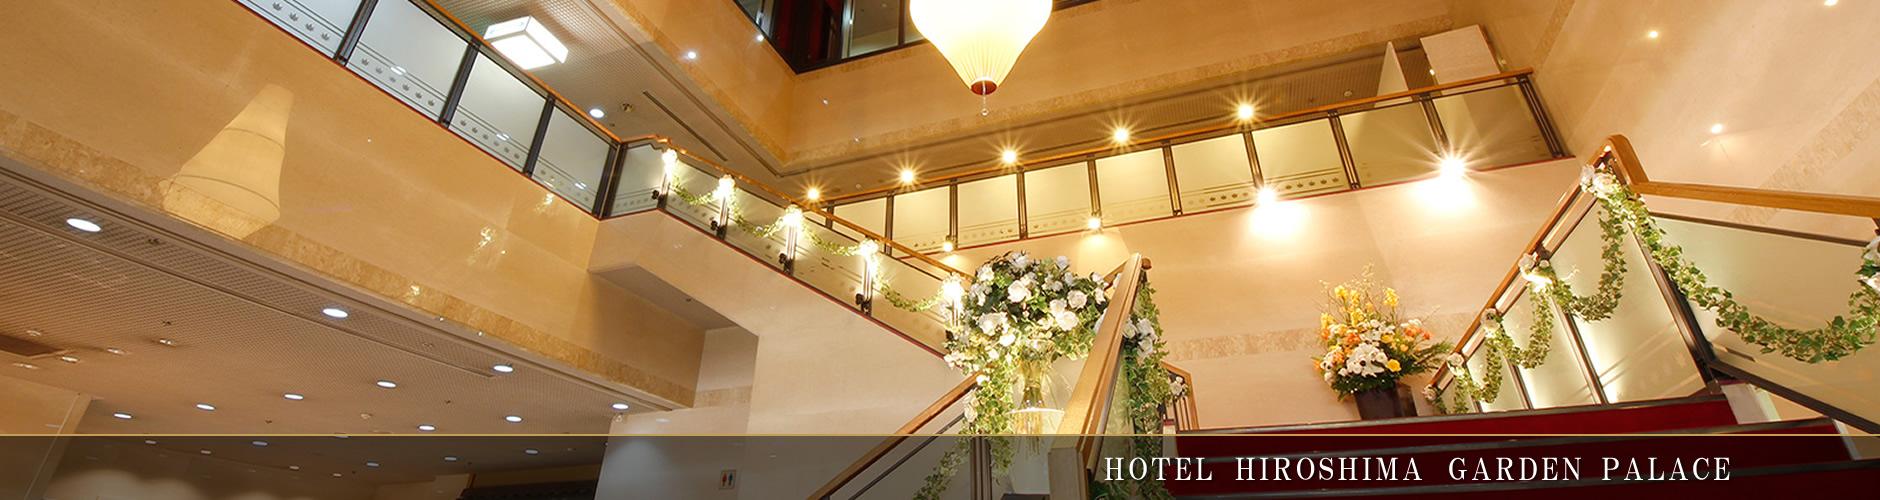 [OFFICIAL SITE] Hokkaido - Hotel Sapporo Garden Palace